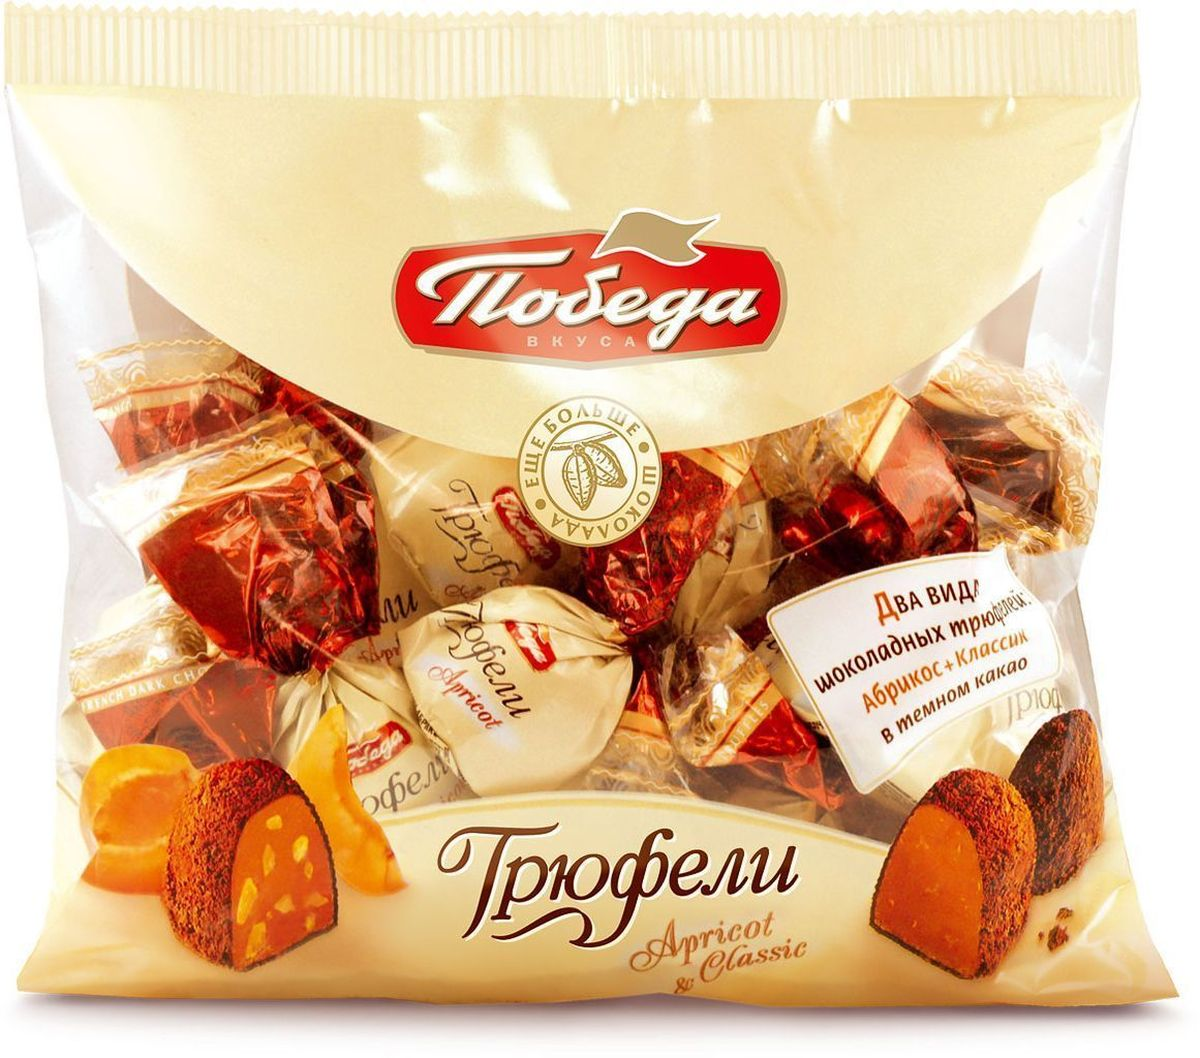 Победа вкуса Трюфели Абрикос и Классик два вида шоколадных трюфелей в темном какао, 200 г the belgian трюфели с кусочками апельсинов 200 г